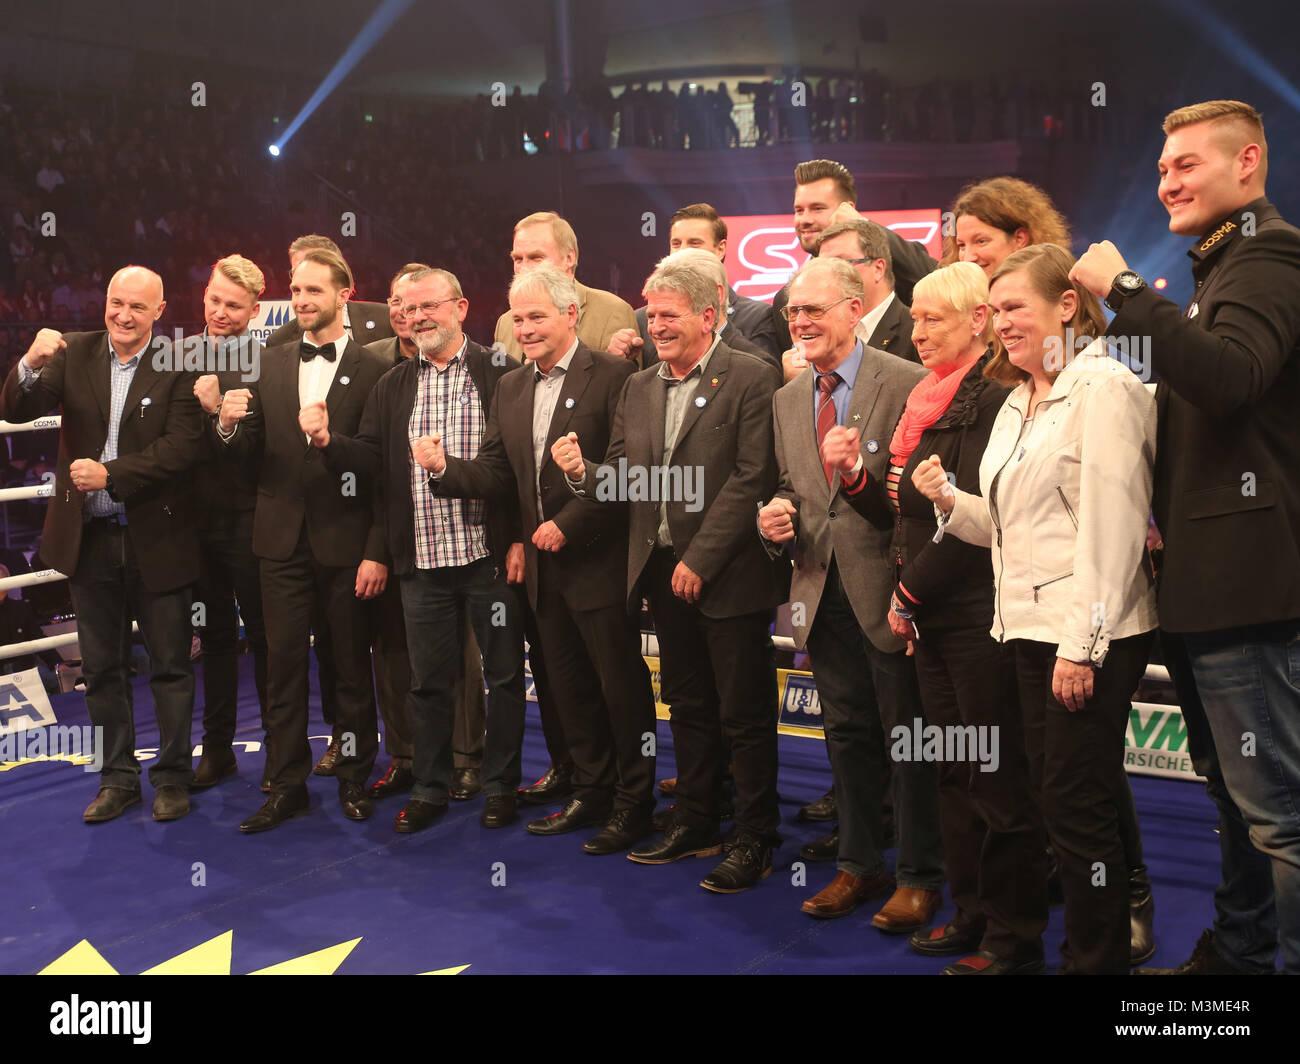 Sportgrößen aus Magdeburg als Ehrengäste im Ring während der SES-Box-Gala am 12.11.16 in der - Stock Image